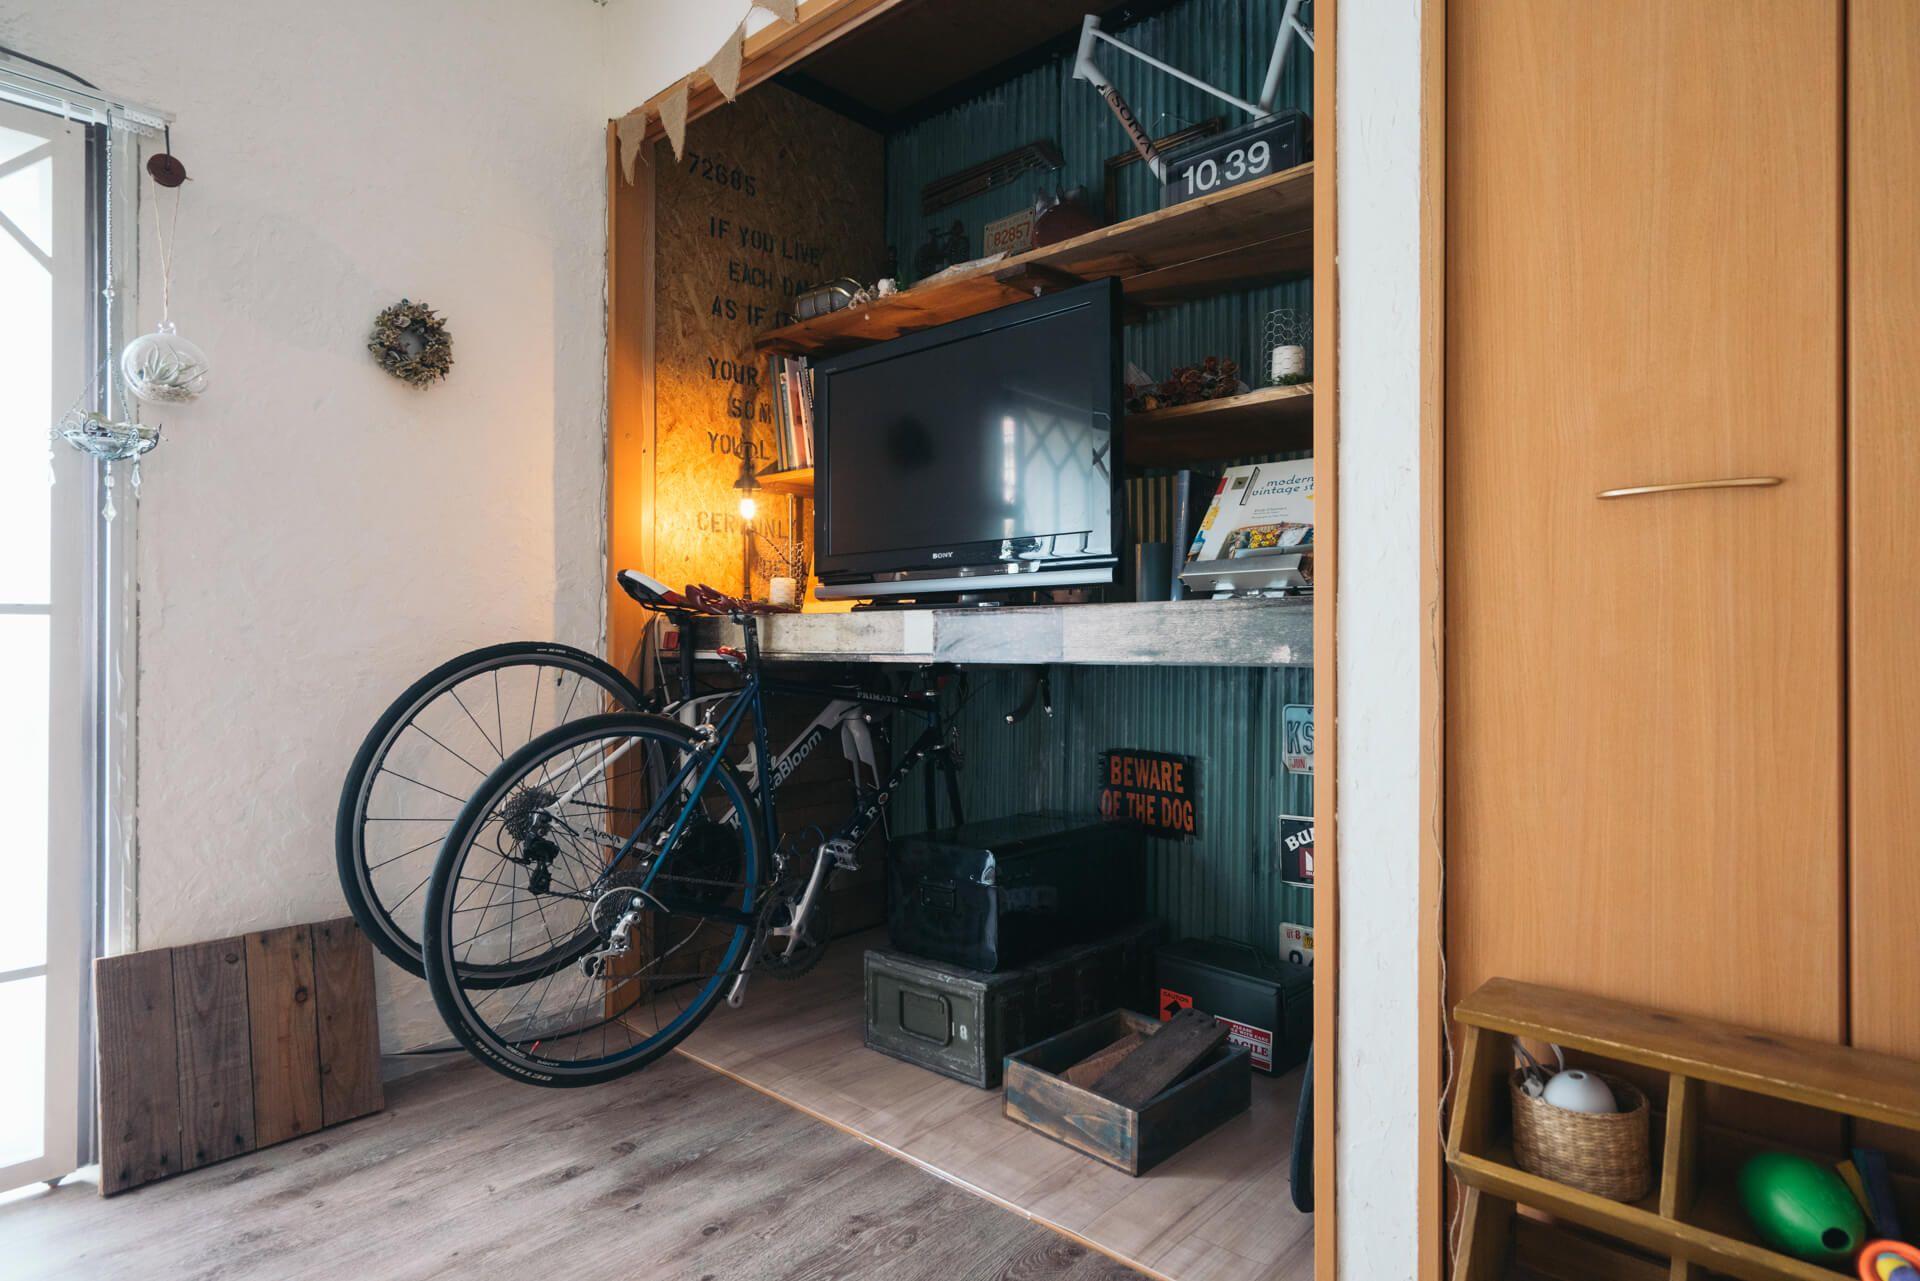 賃貸の一軒家をナチュラル ジャンクテイストにdiy Tarako Ten さんの部屋 部屋 襖 インテリア